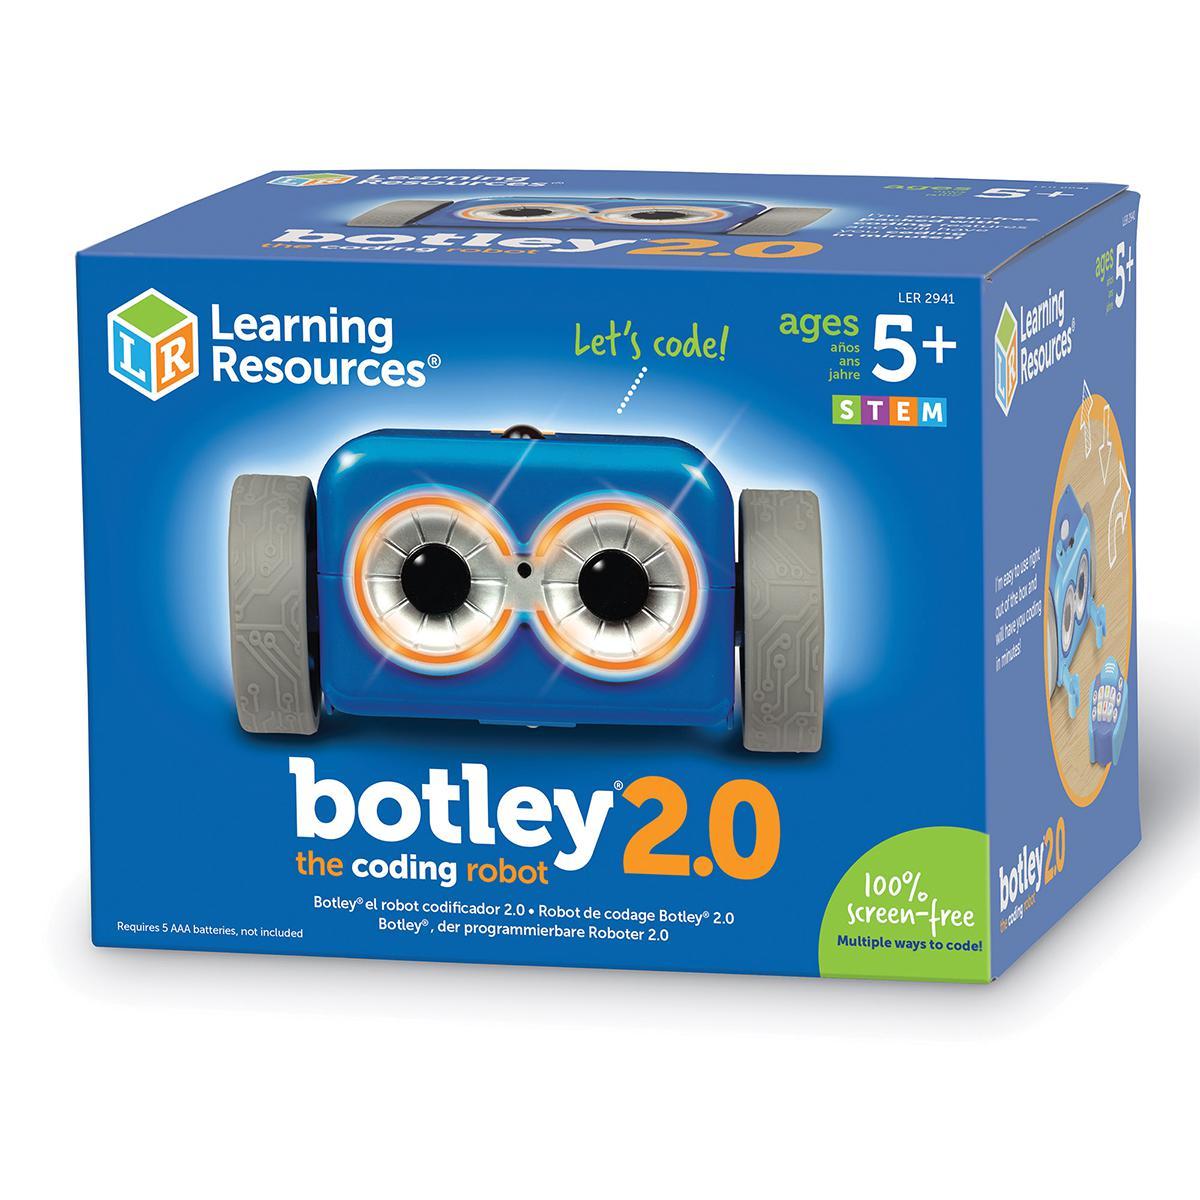 Botley® 2.0 The Coding Robot